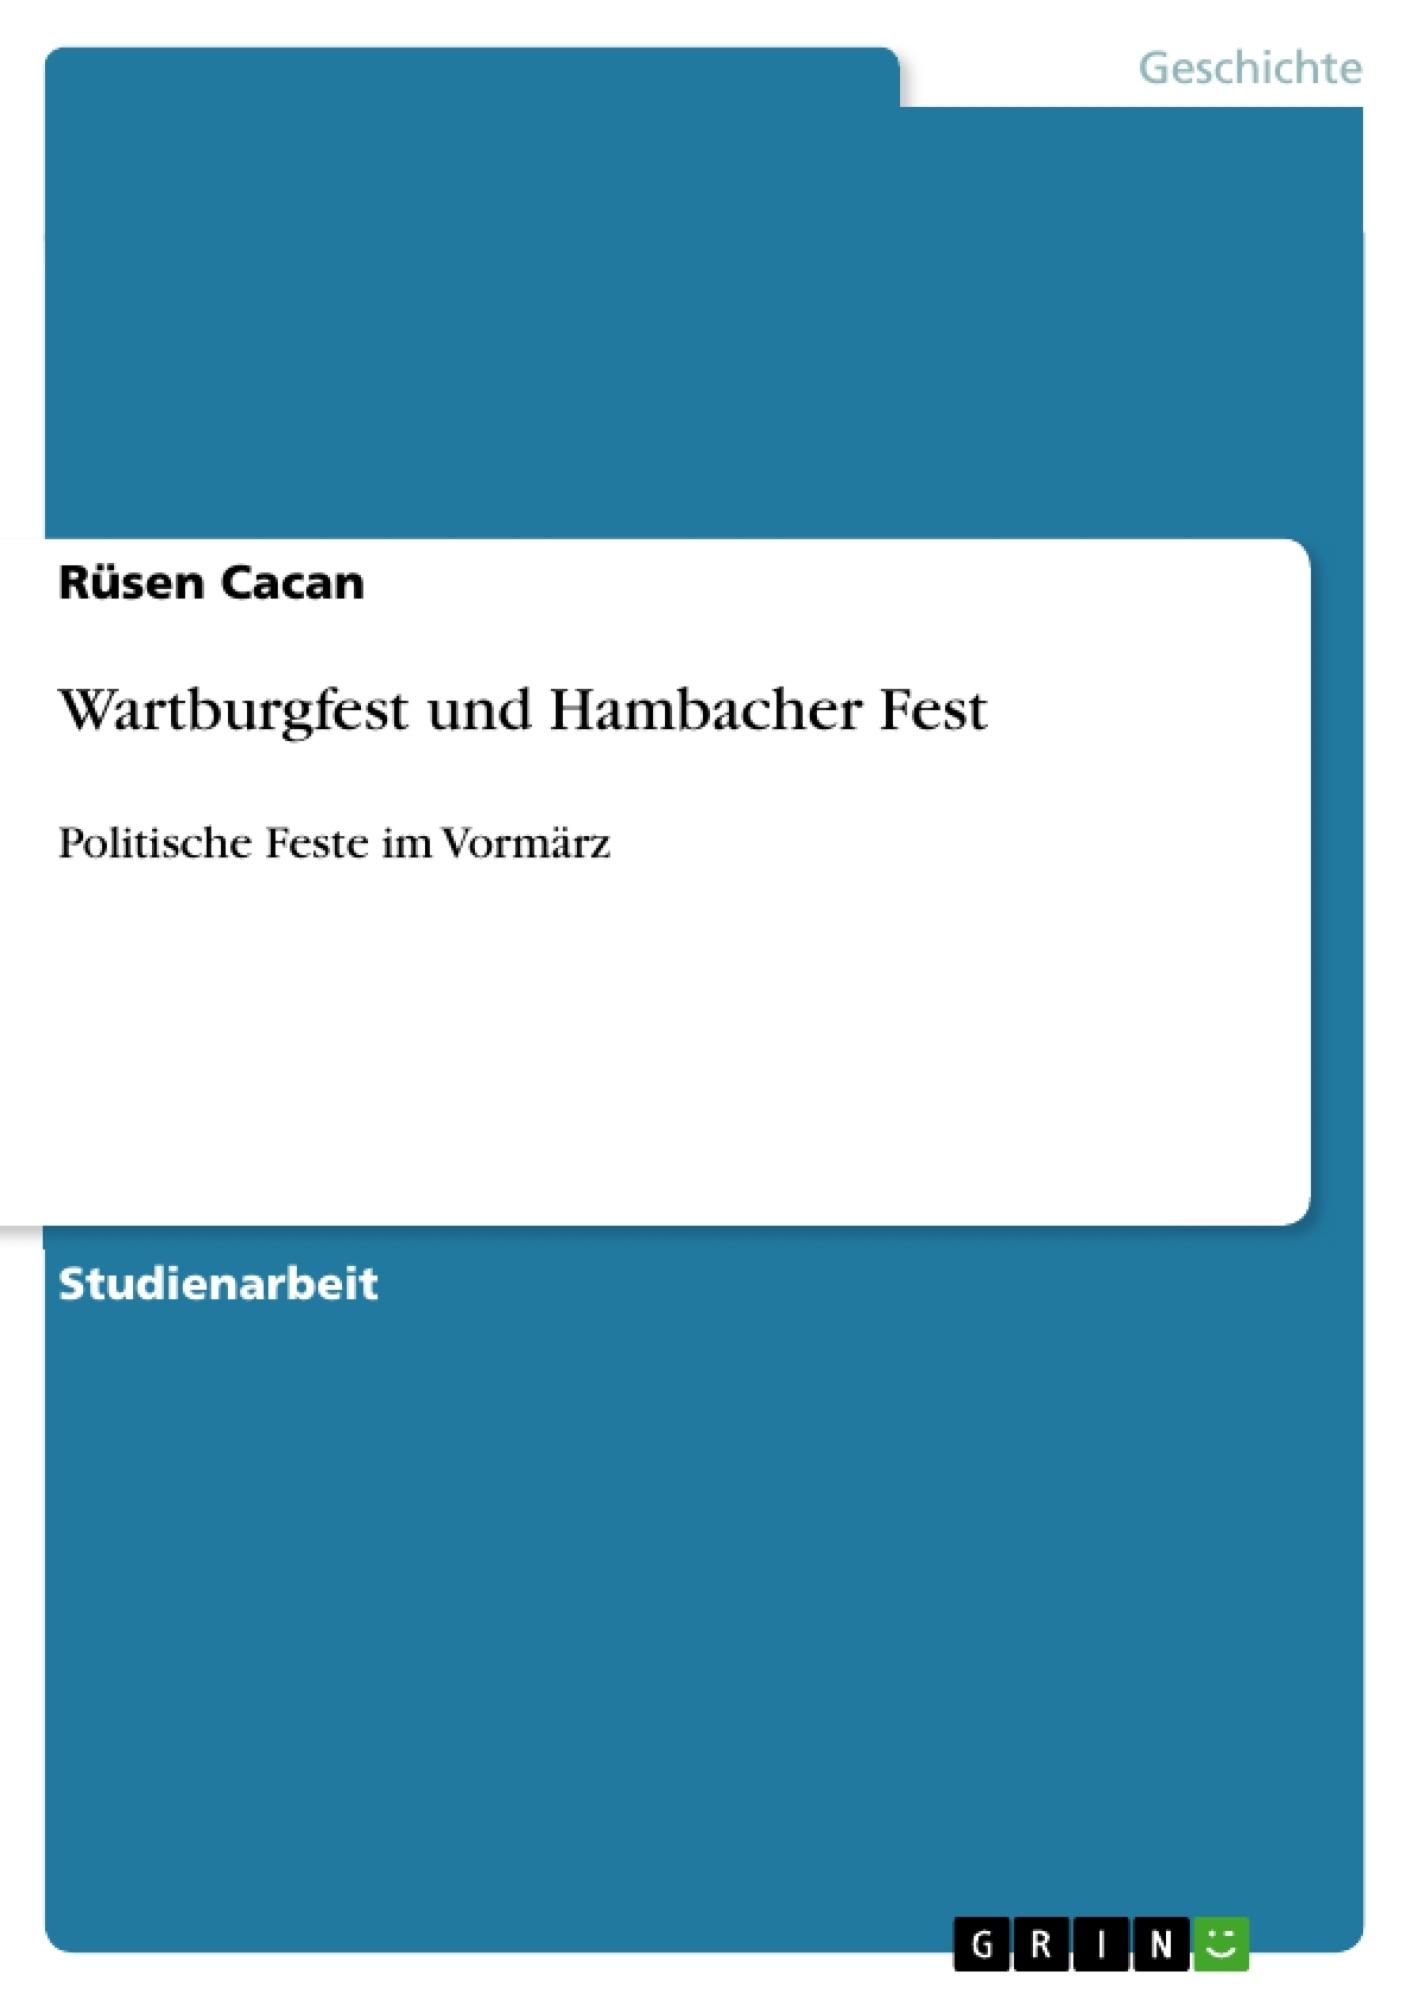 Titel: Wartburgfest und Hambacher Fest